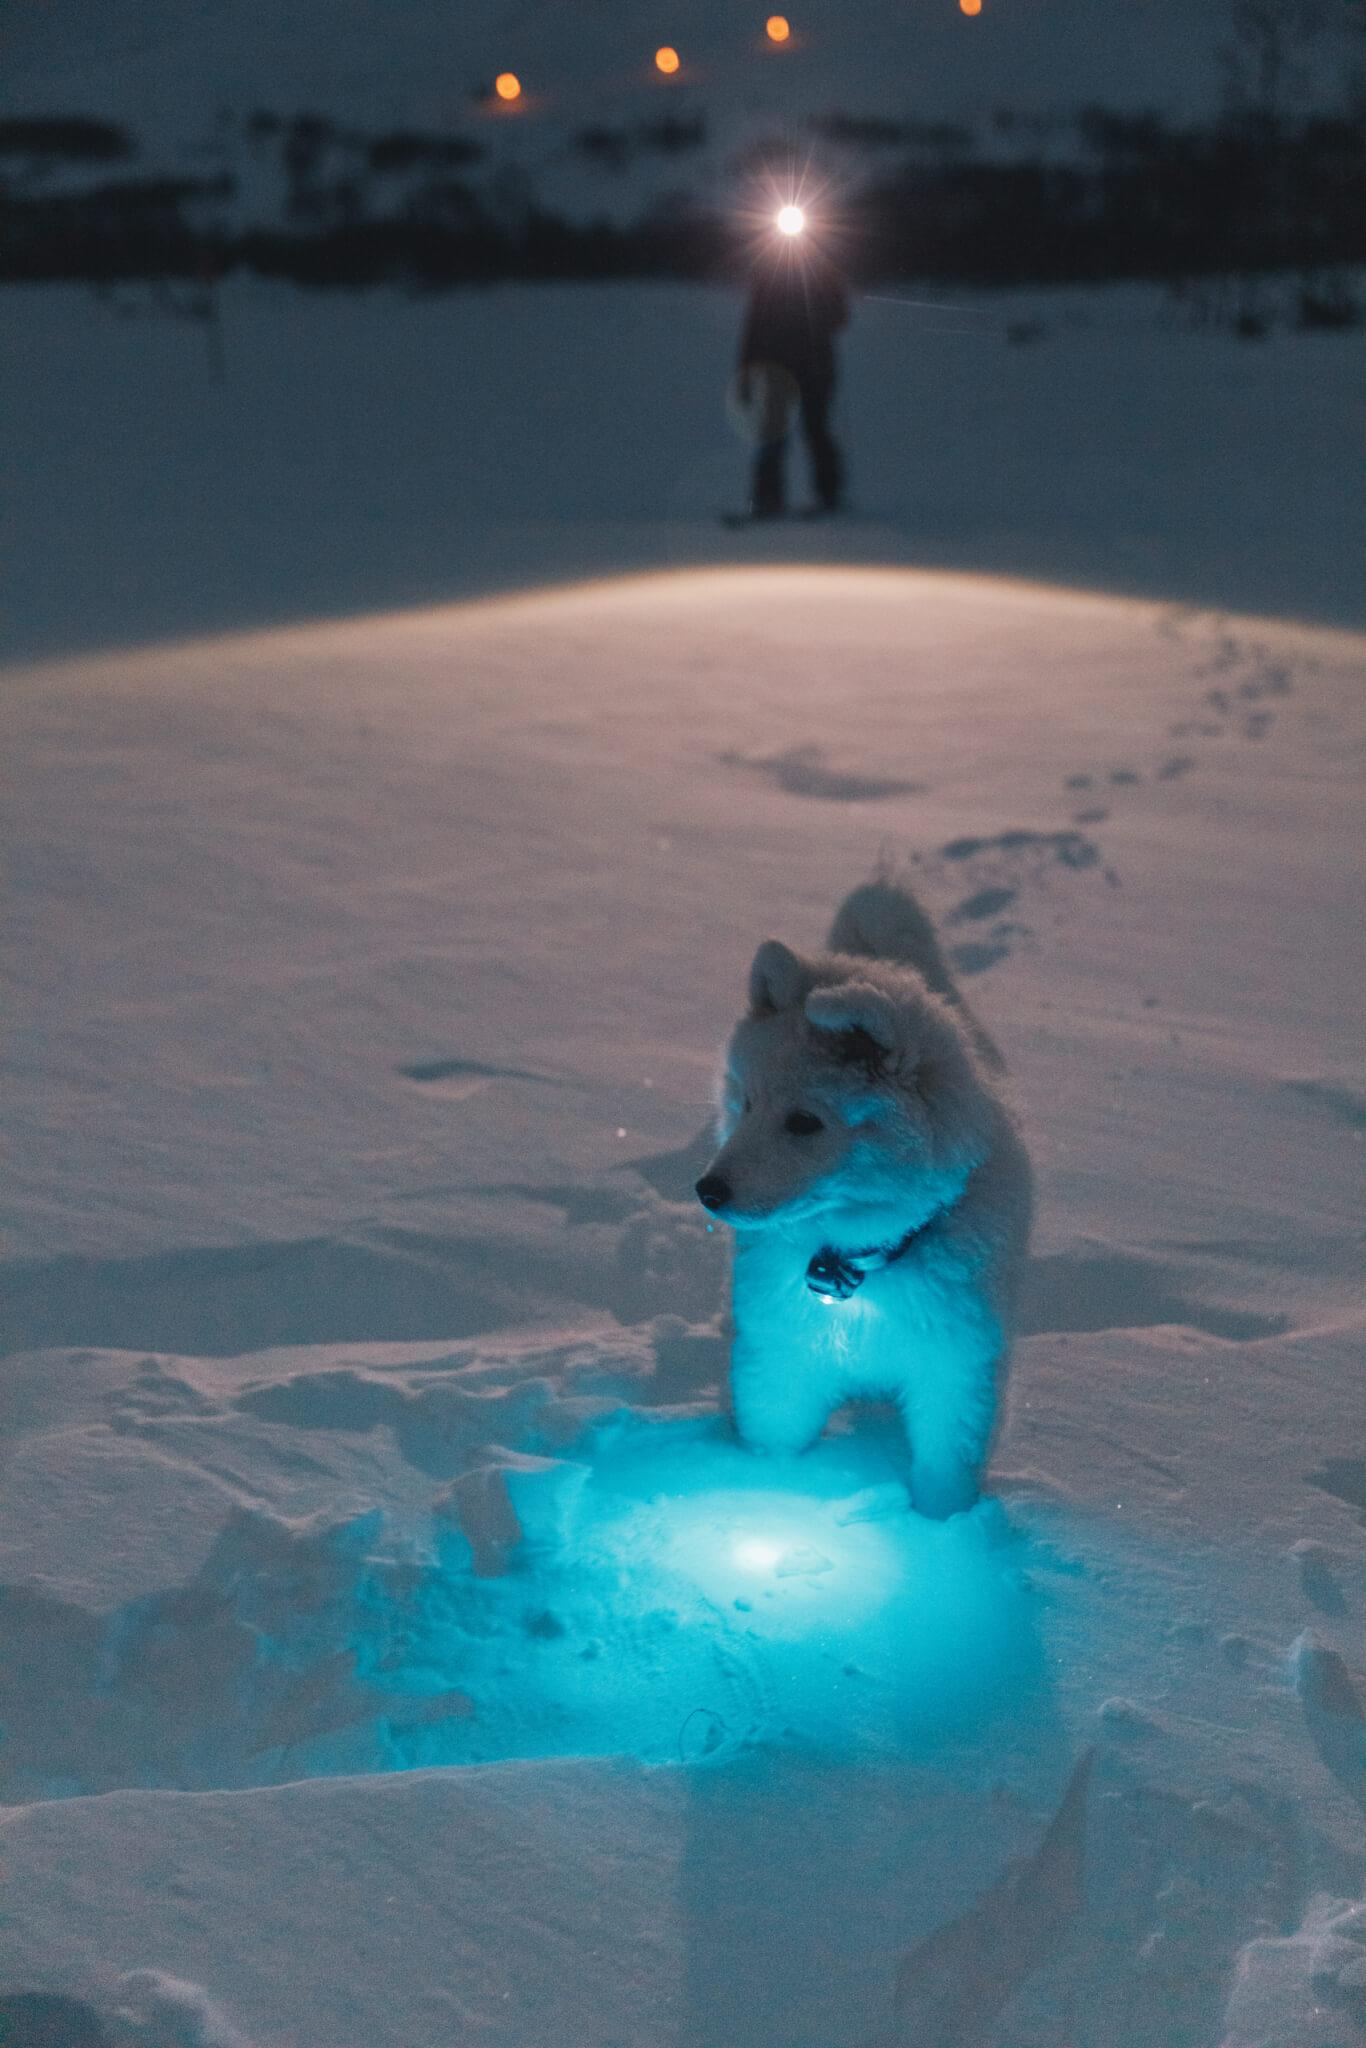 Hundvalp har lampa runt halsen i snö.